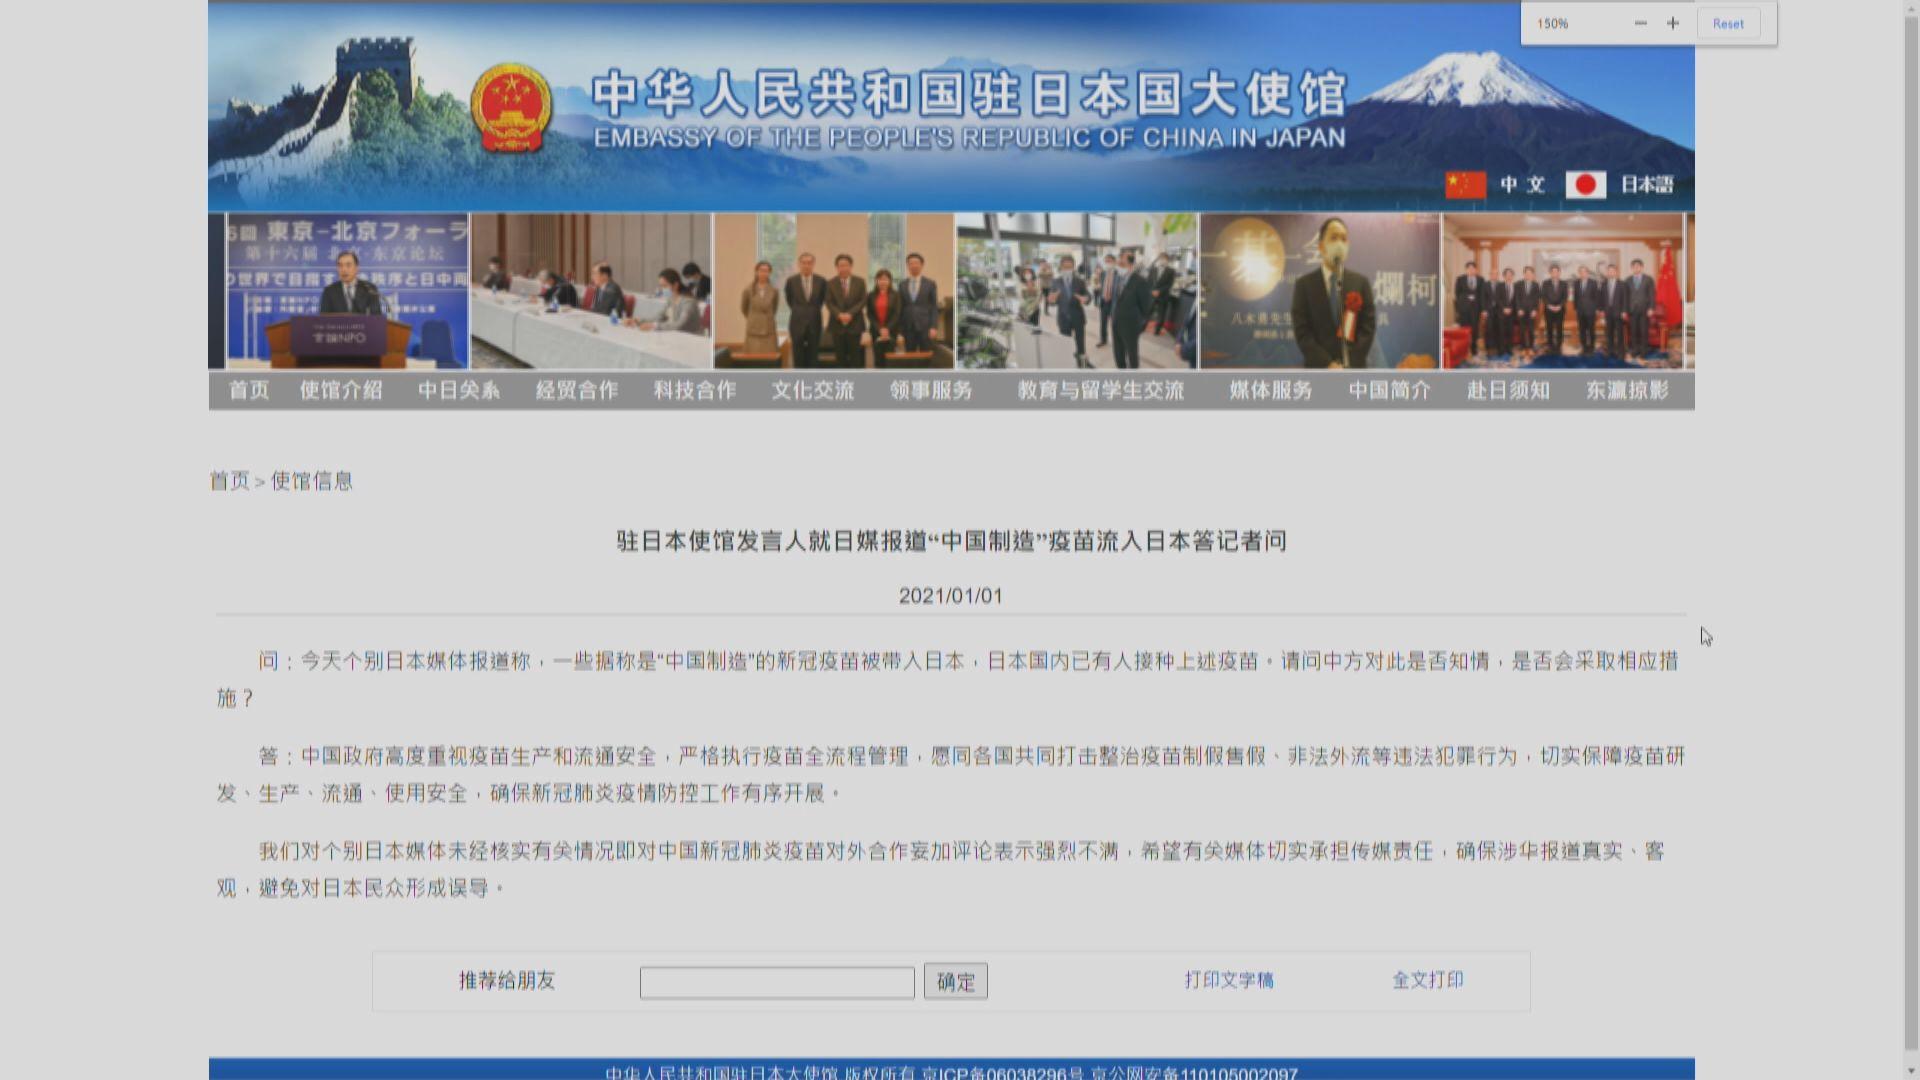 日媒指中國疫苗流入並接種 中使館不滿報道未經核實